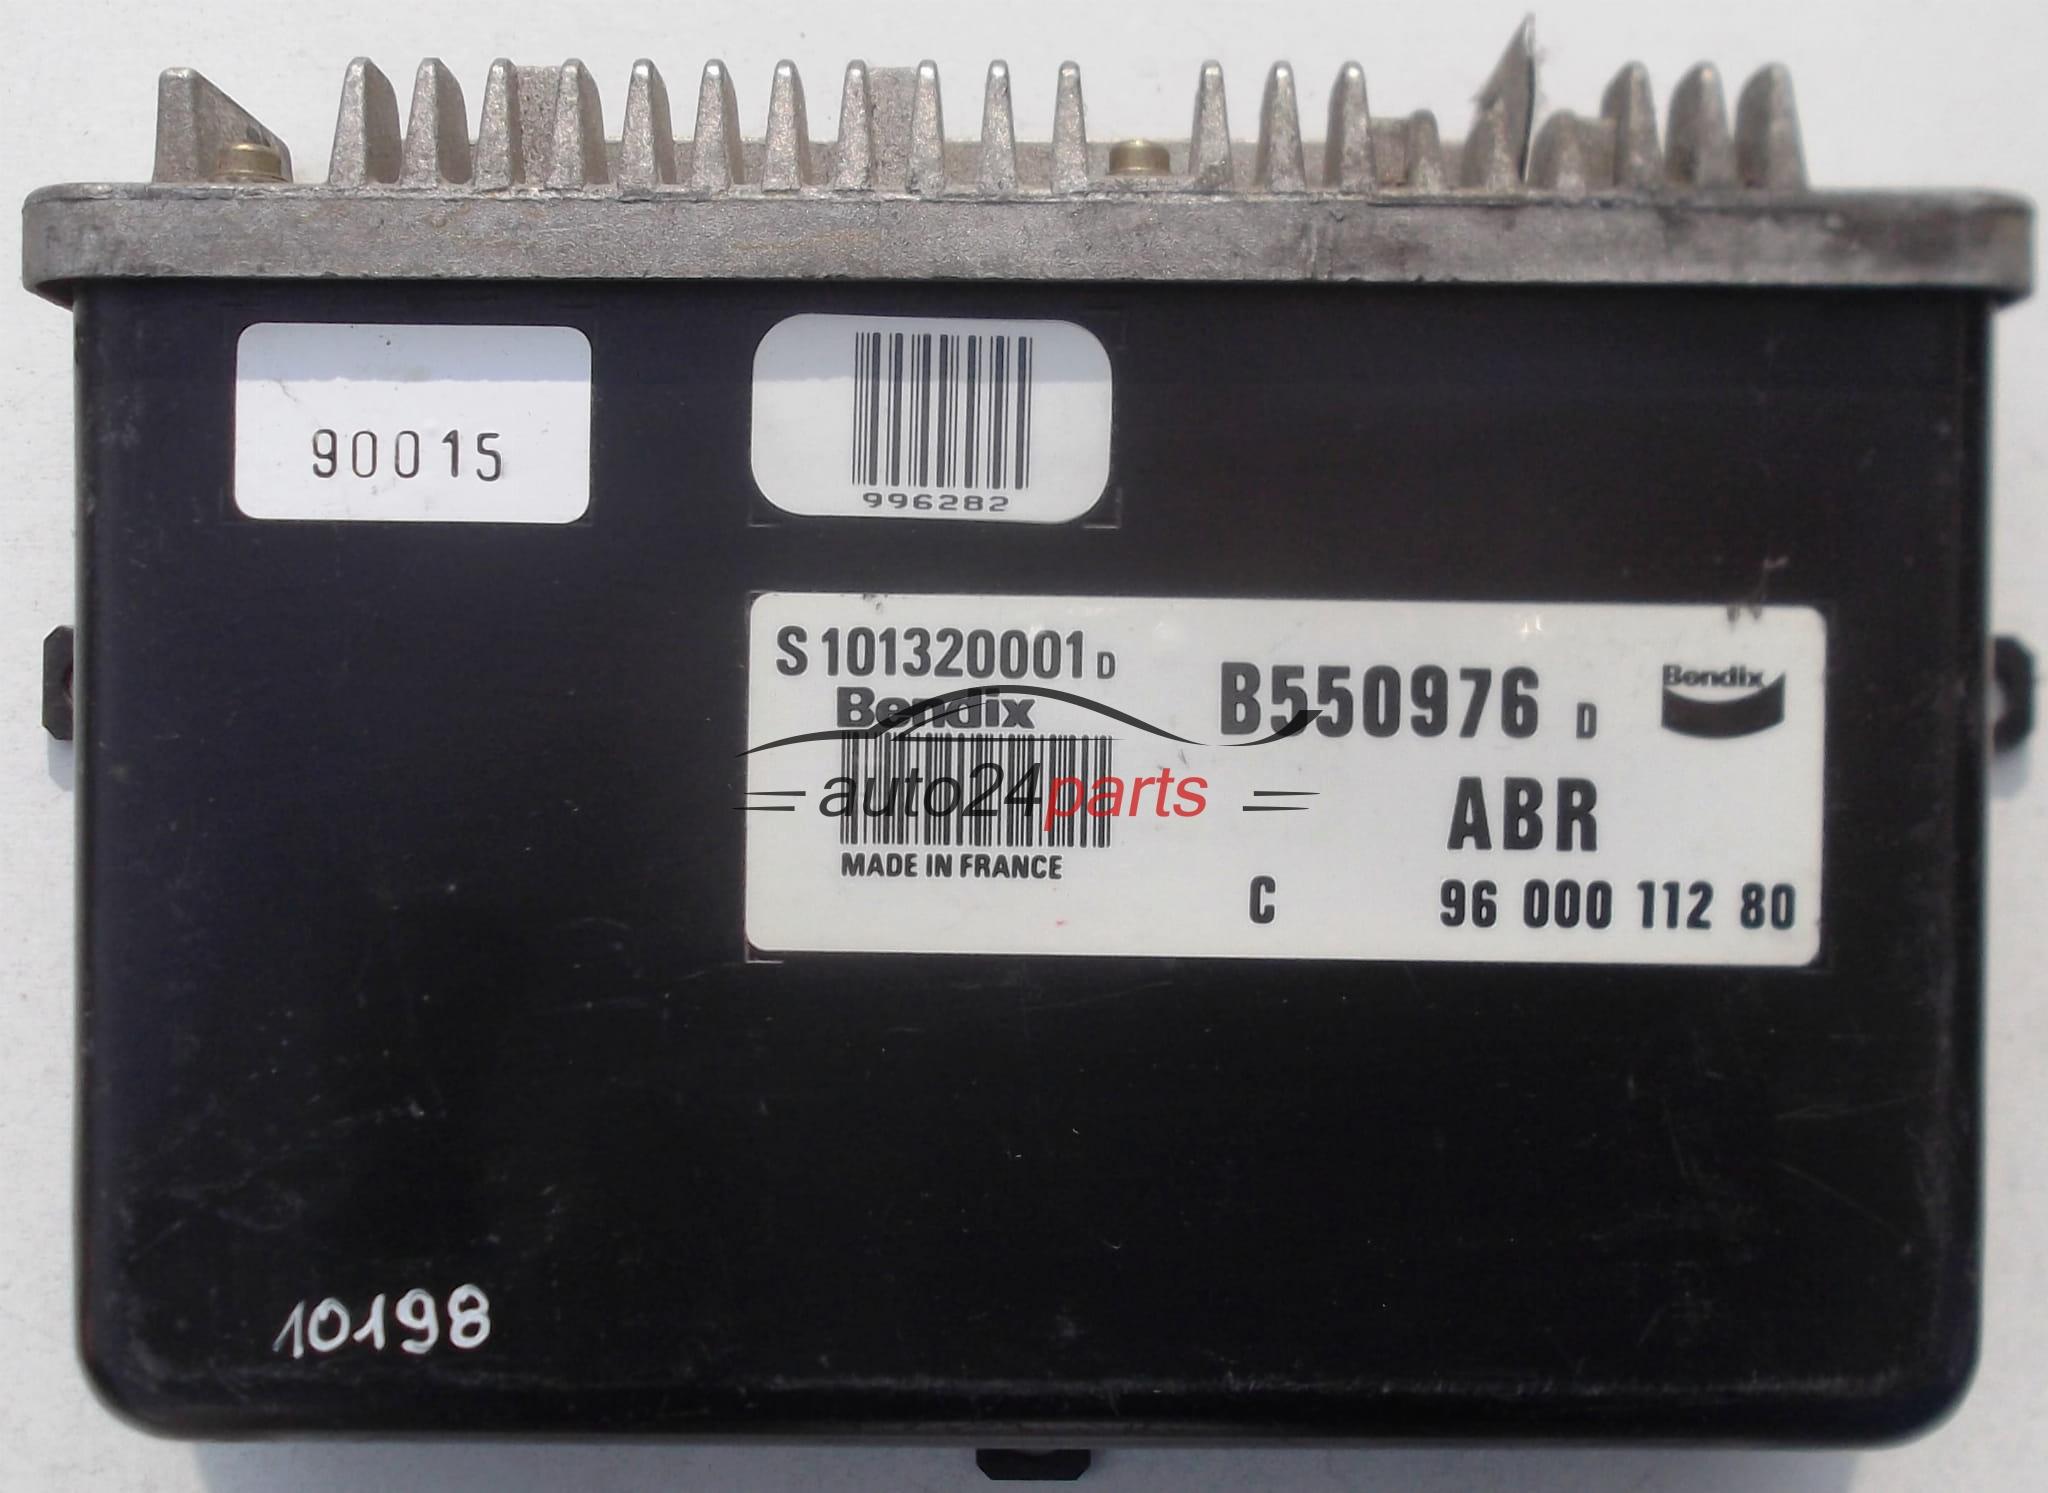 les pi 232 ces automobiles calculateur abs esp citroen xm 2 0 s101320001d s101320001 d b550976